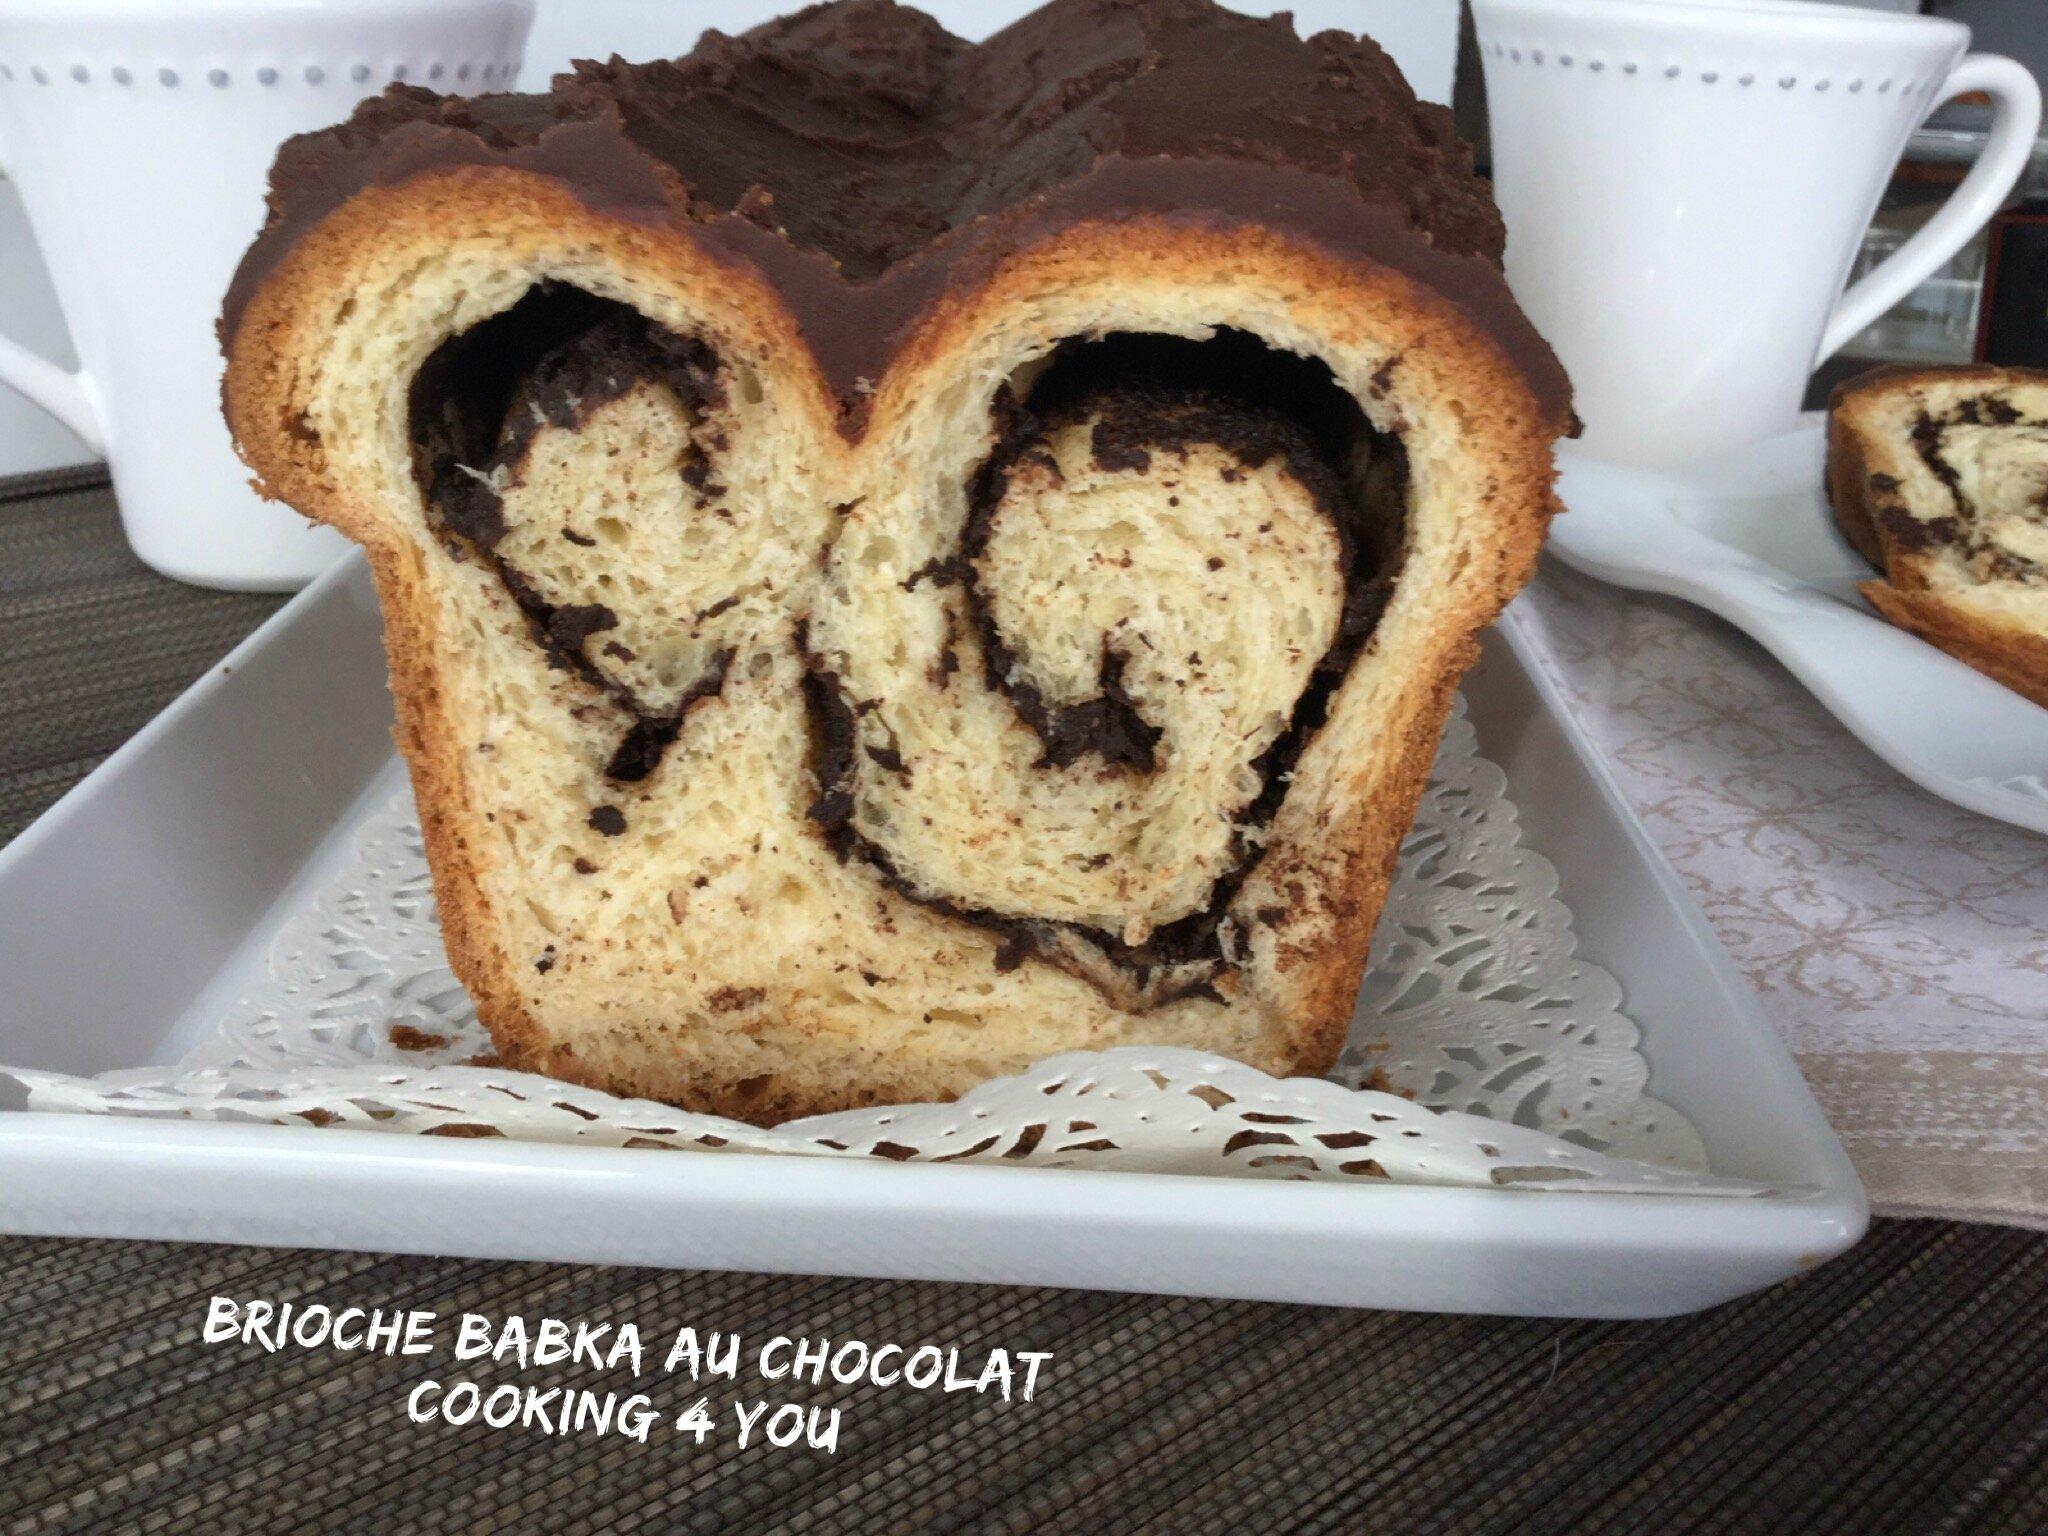 Brioche Babka au chocolat